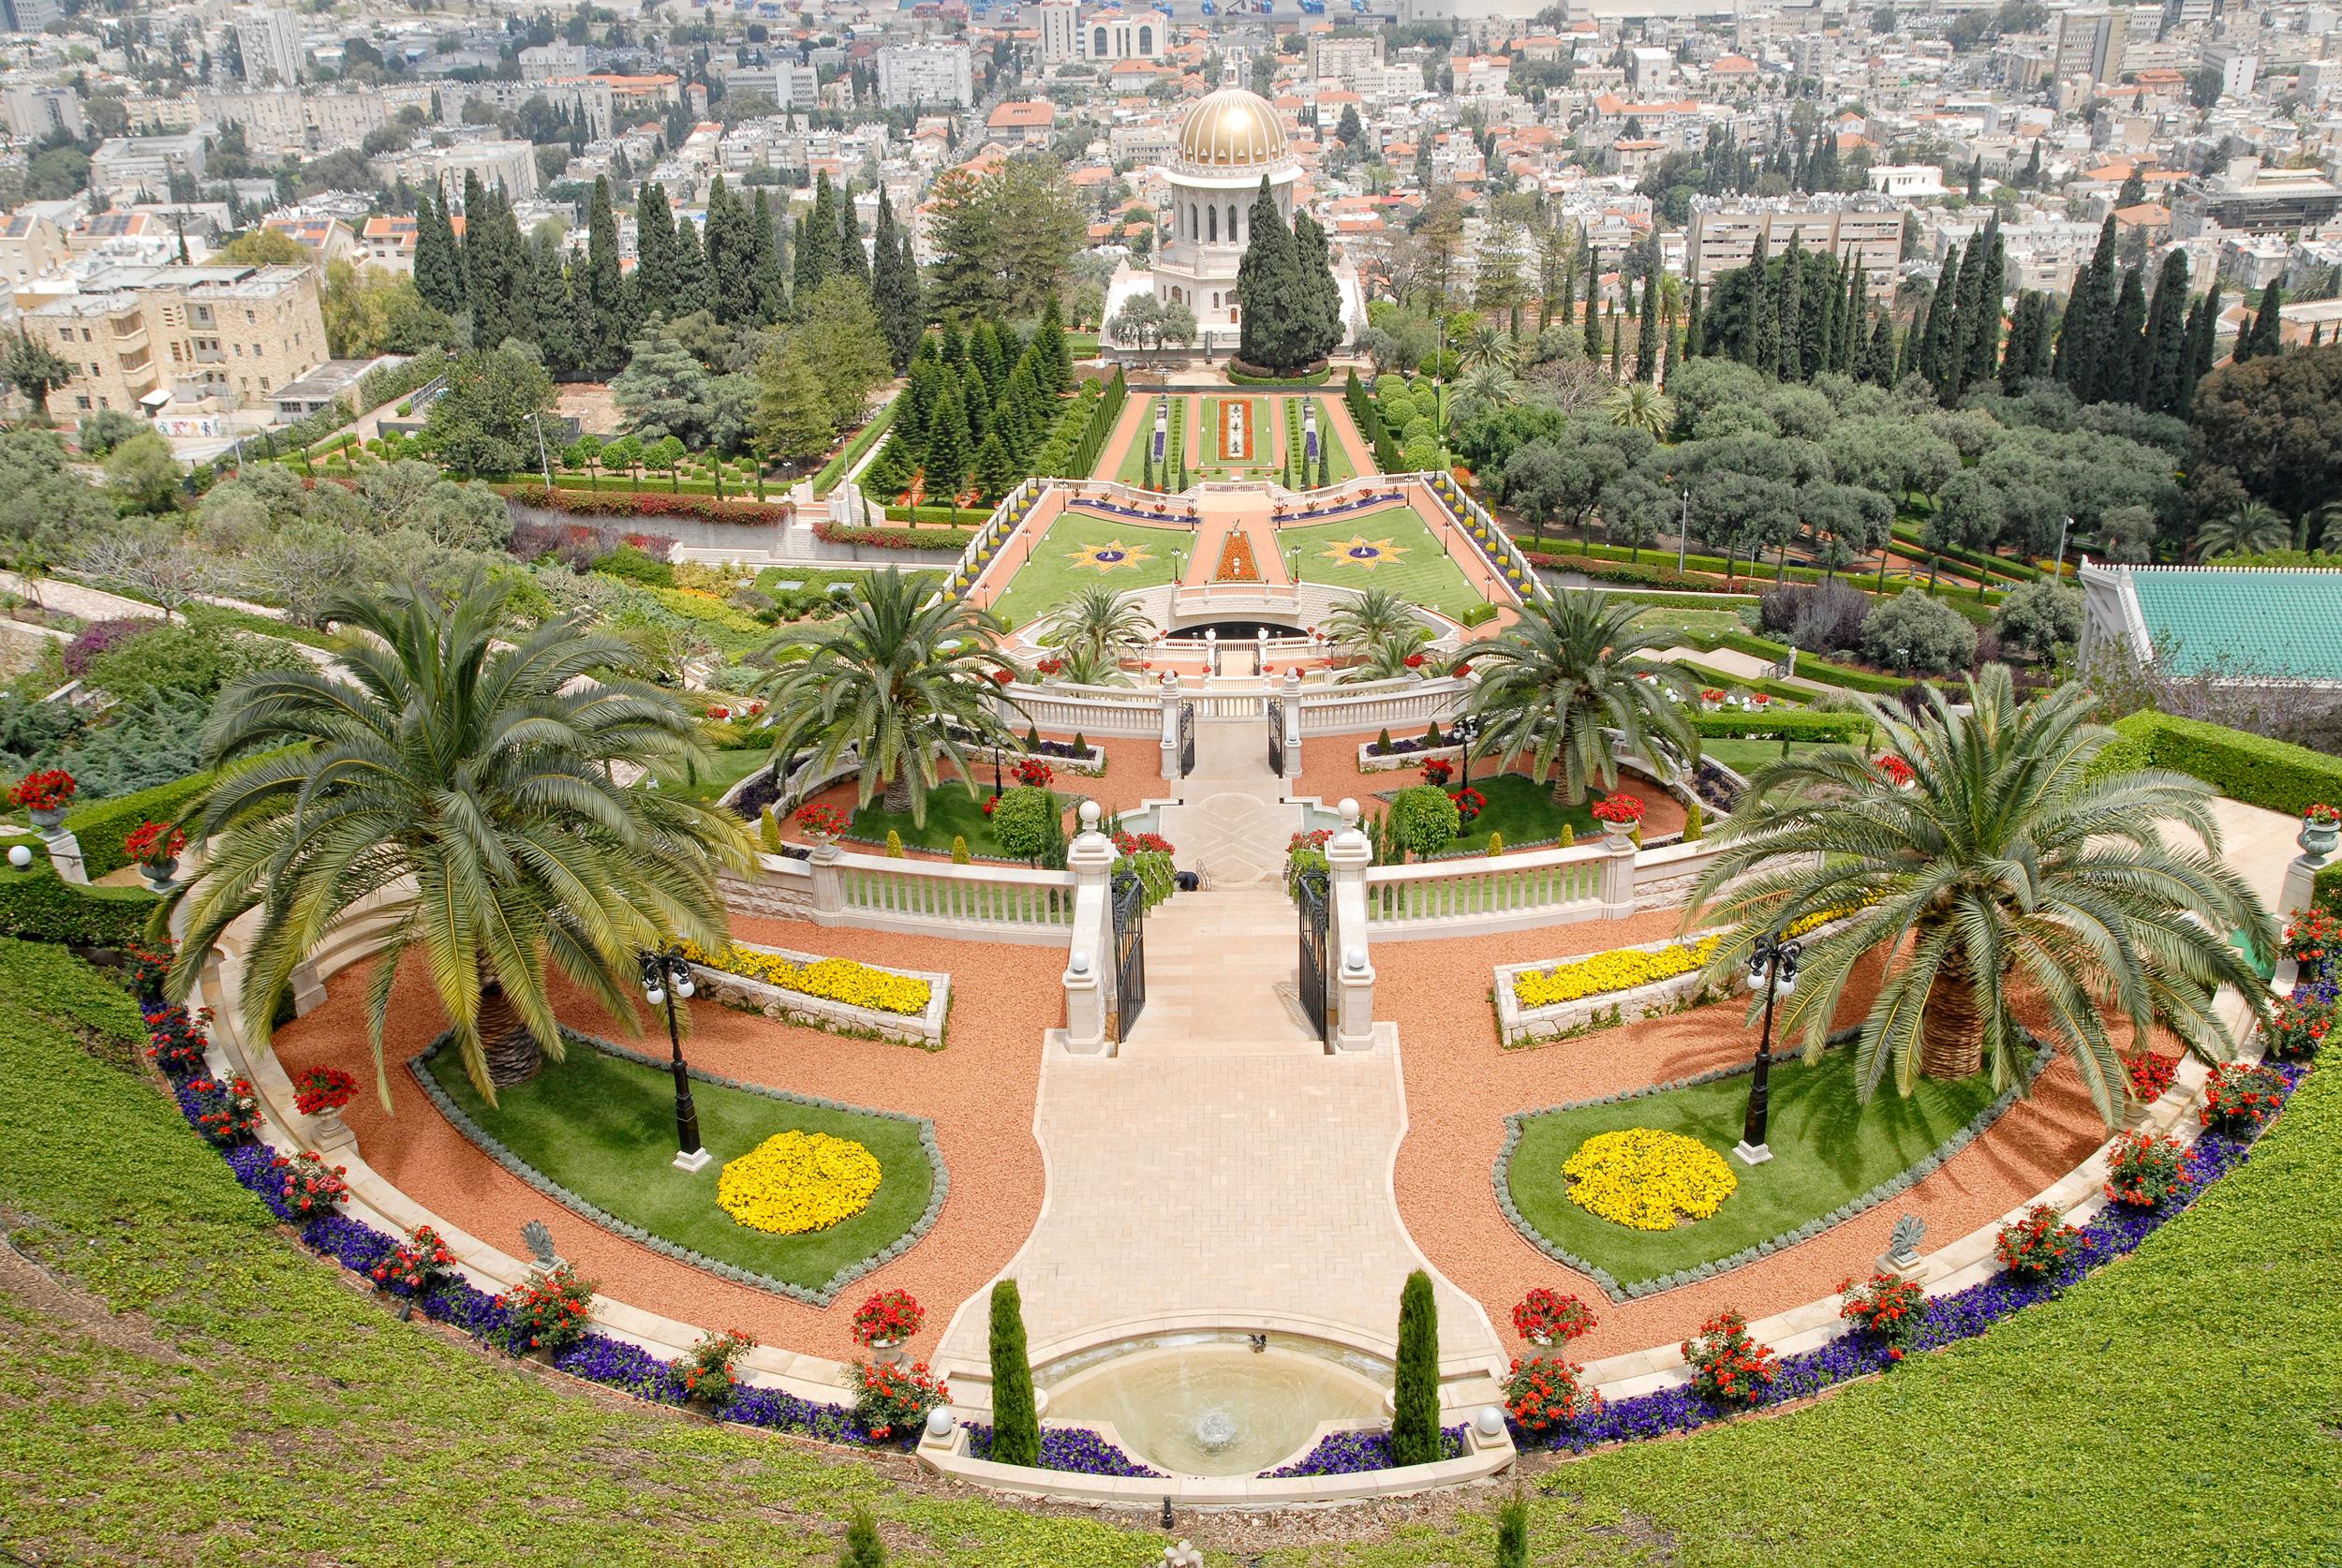 Jardim ornamental do templo Baha'i em Haifa, Israel